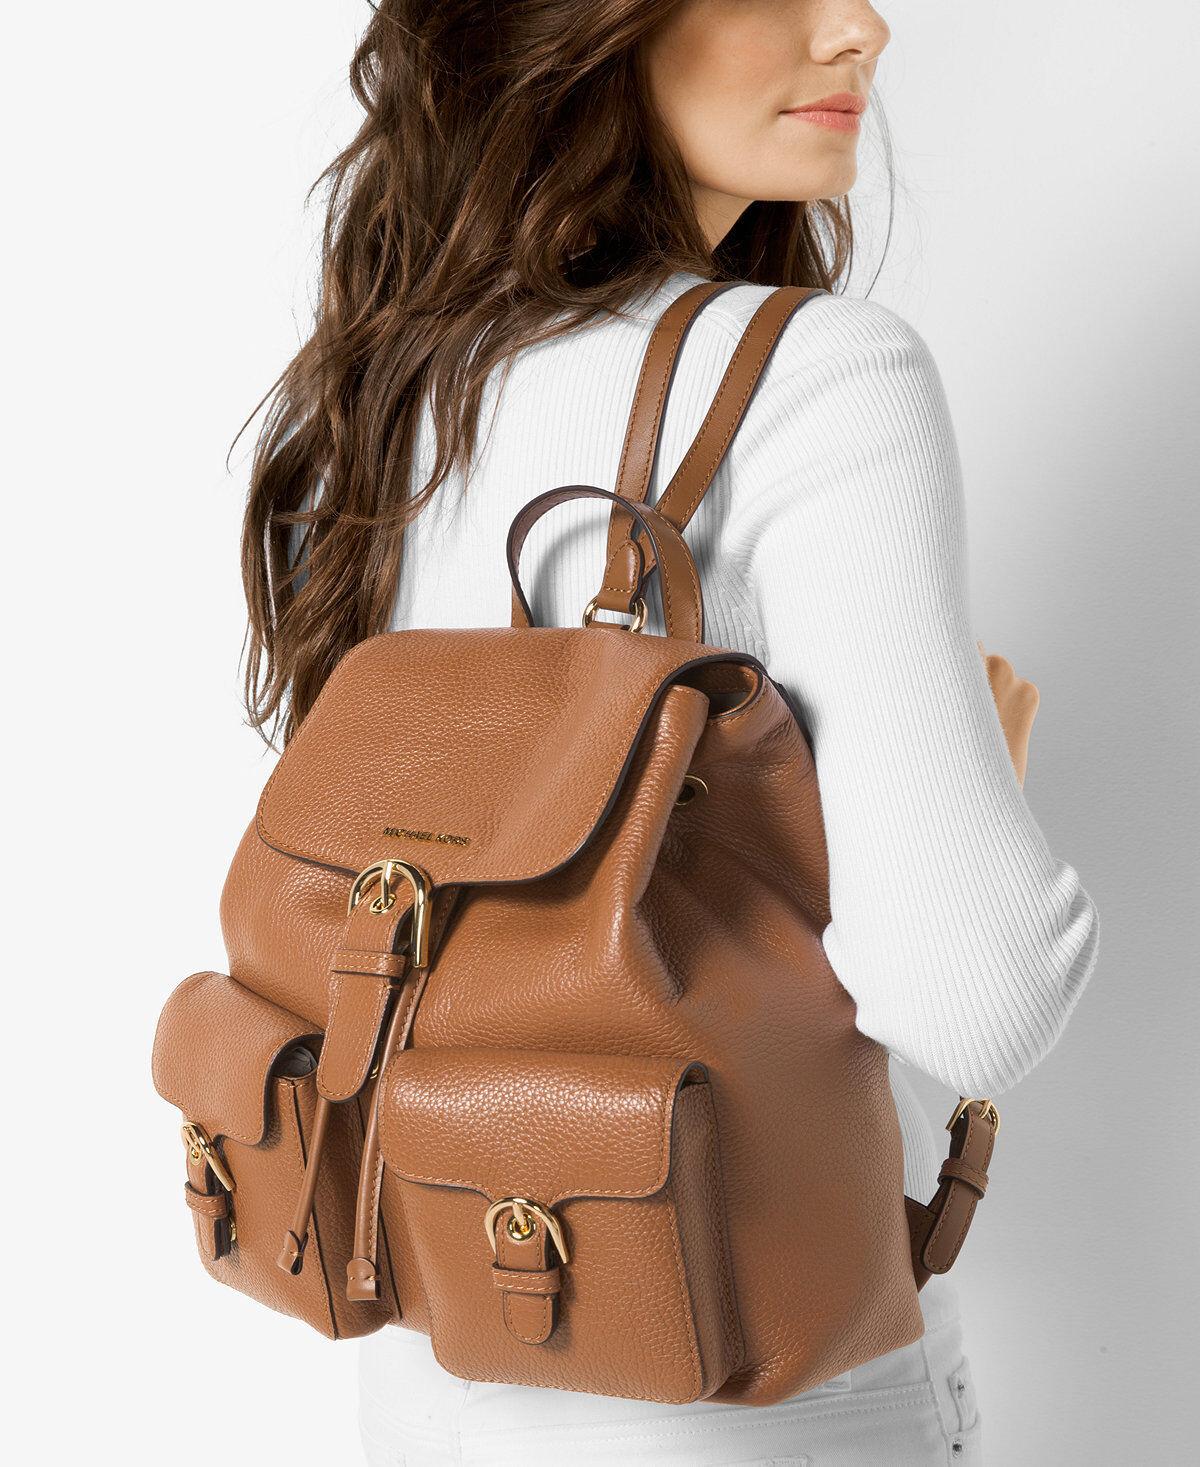 2d275205c Michael Kors Black Leather Cooper Large Flap Backpack 30s7gpcb7l for sale  online | eBay